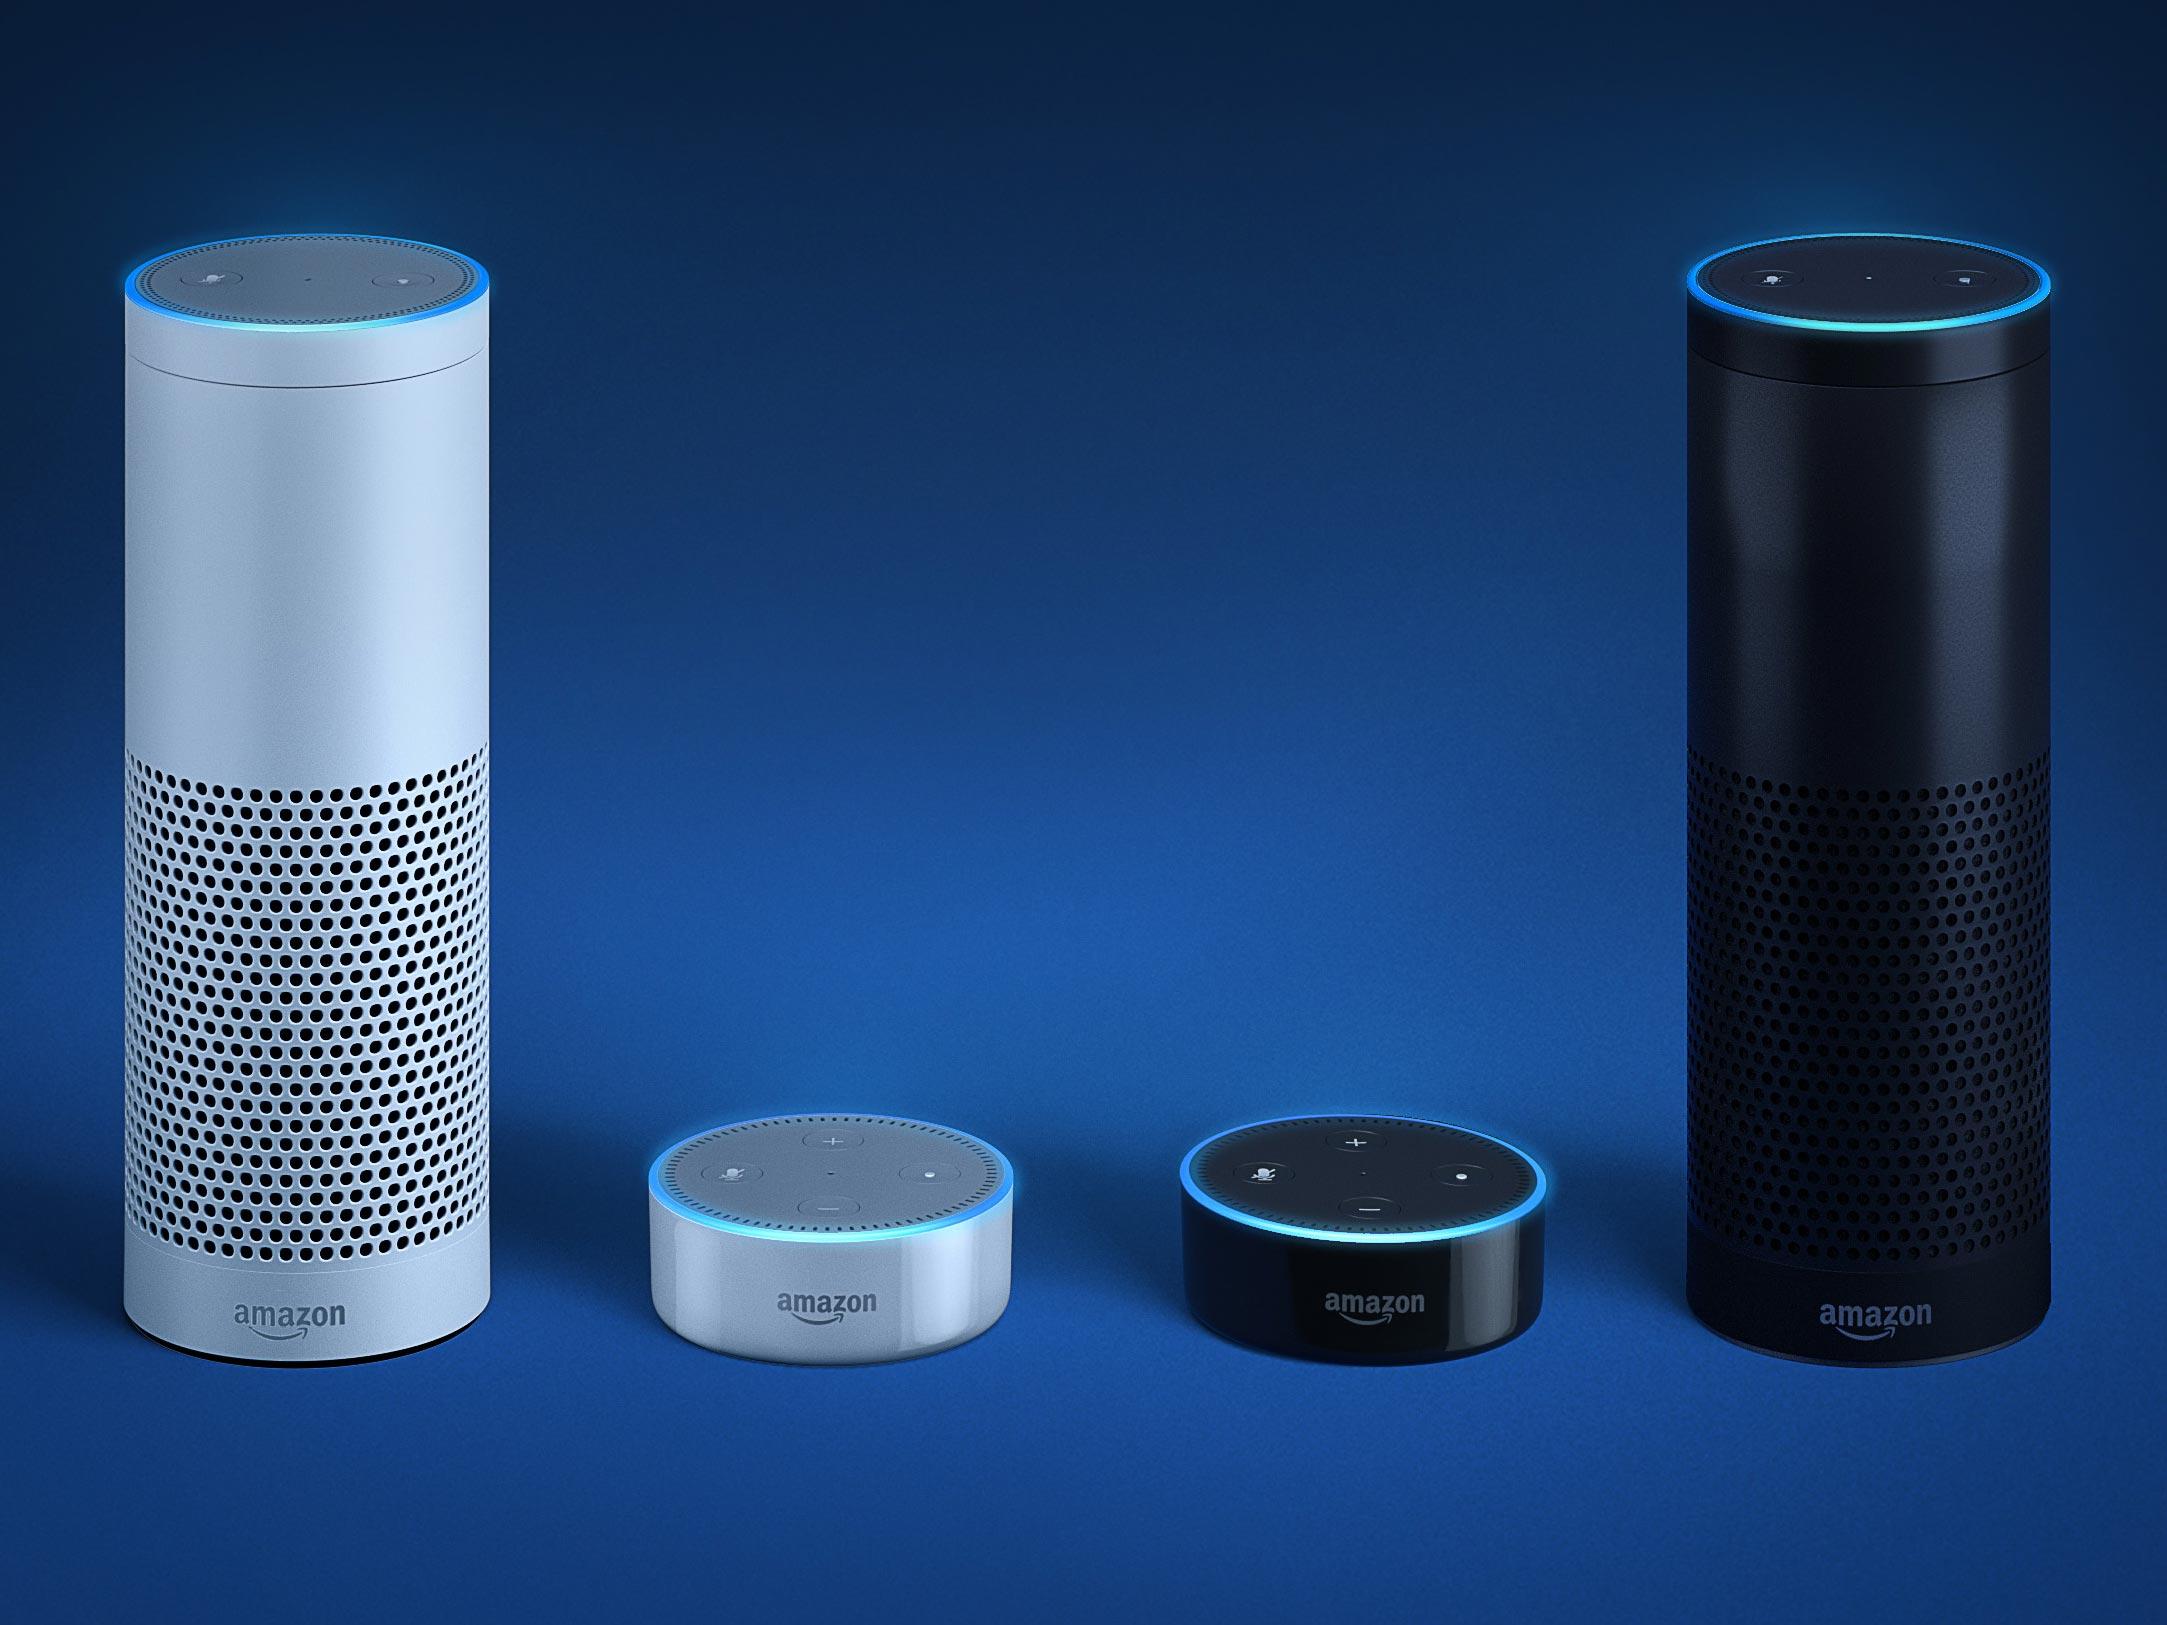 Amazon Echo Plus and Echo Dot